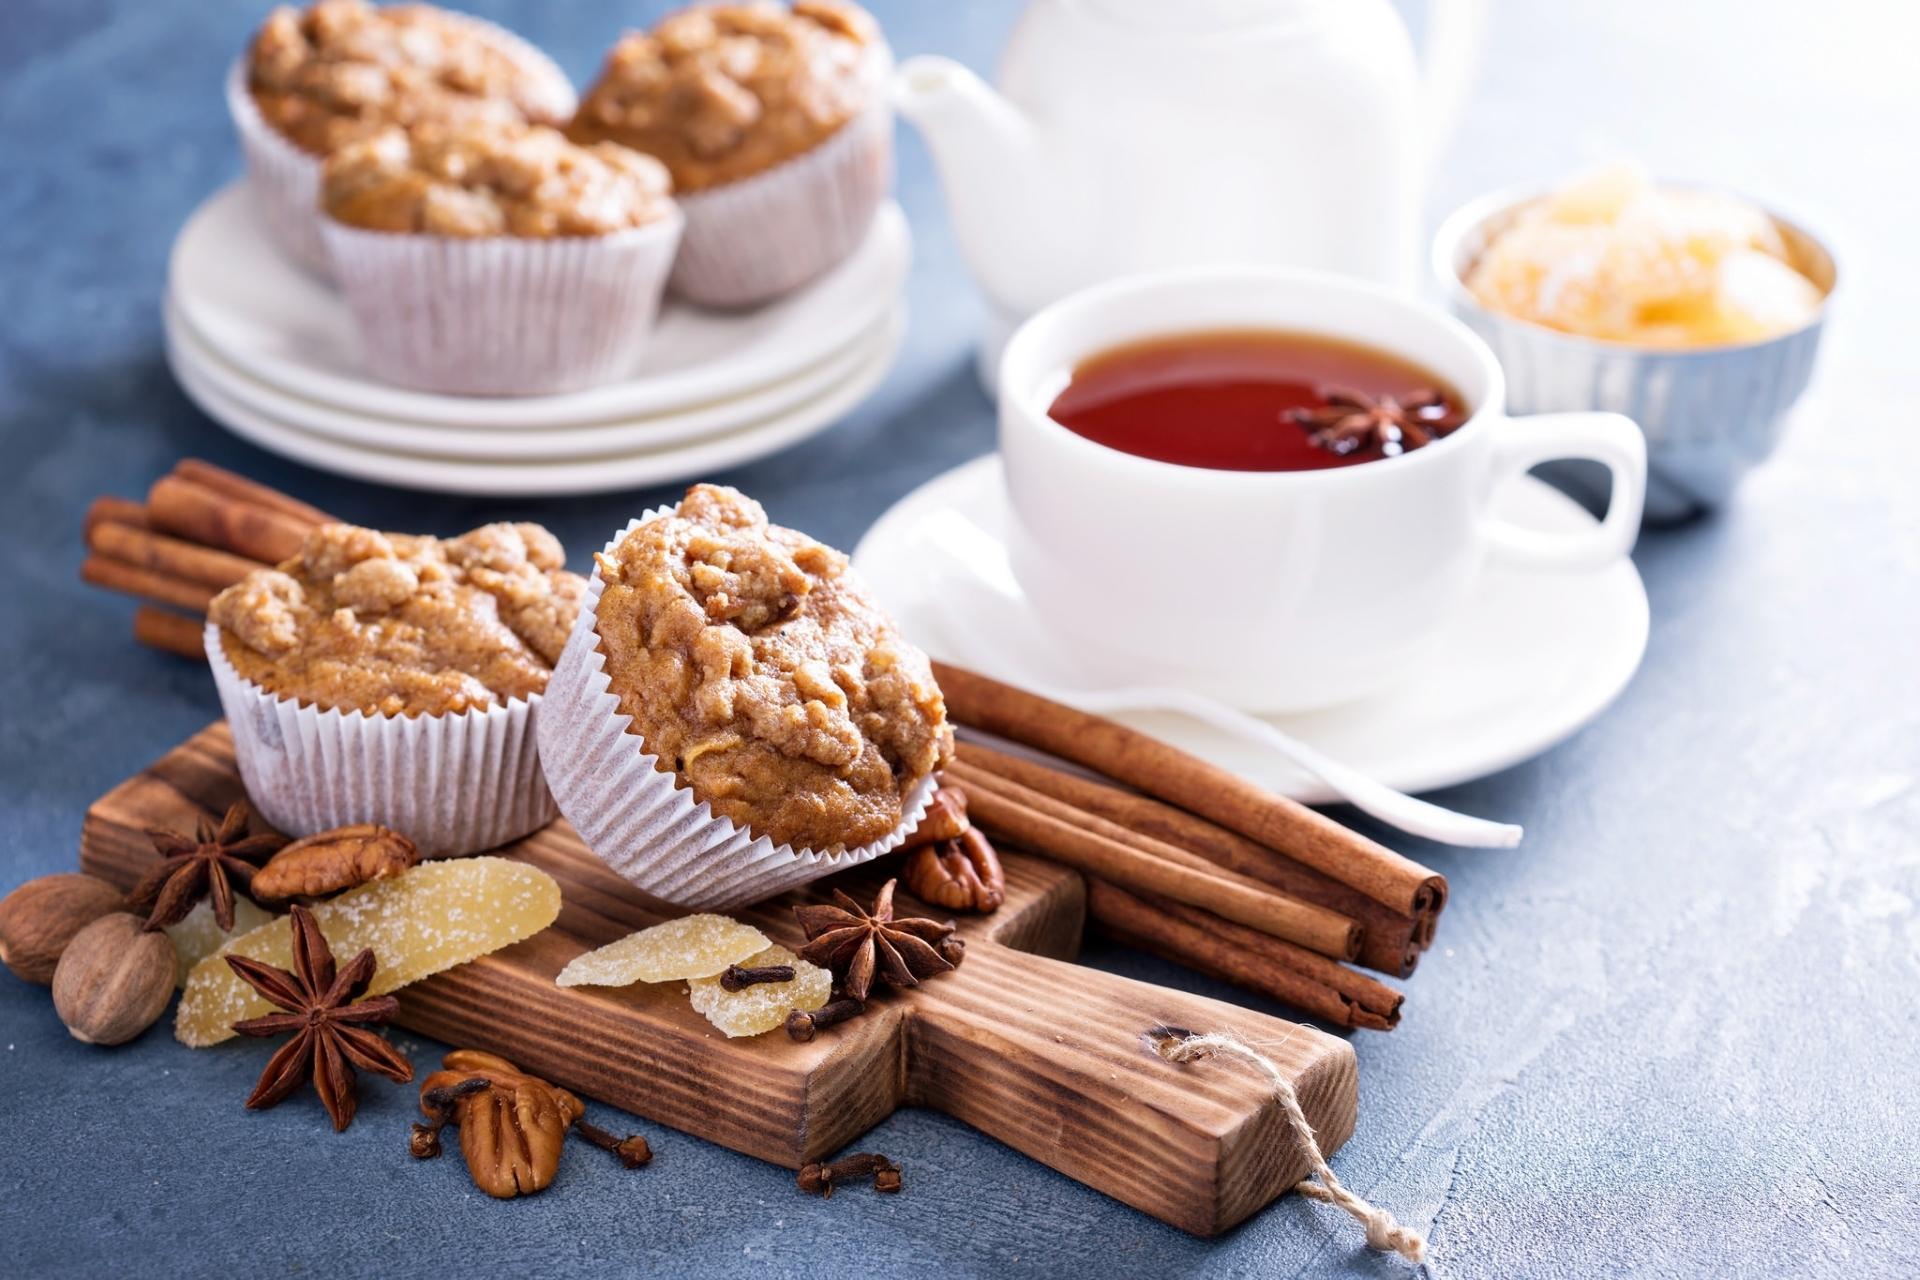 кофе со сладостями  № 140234 без смс